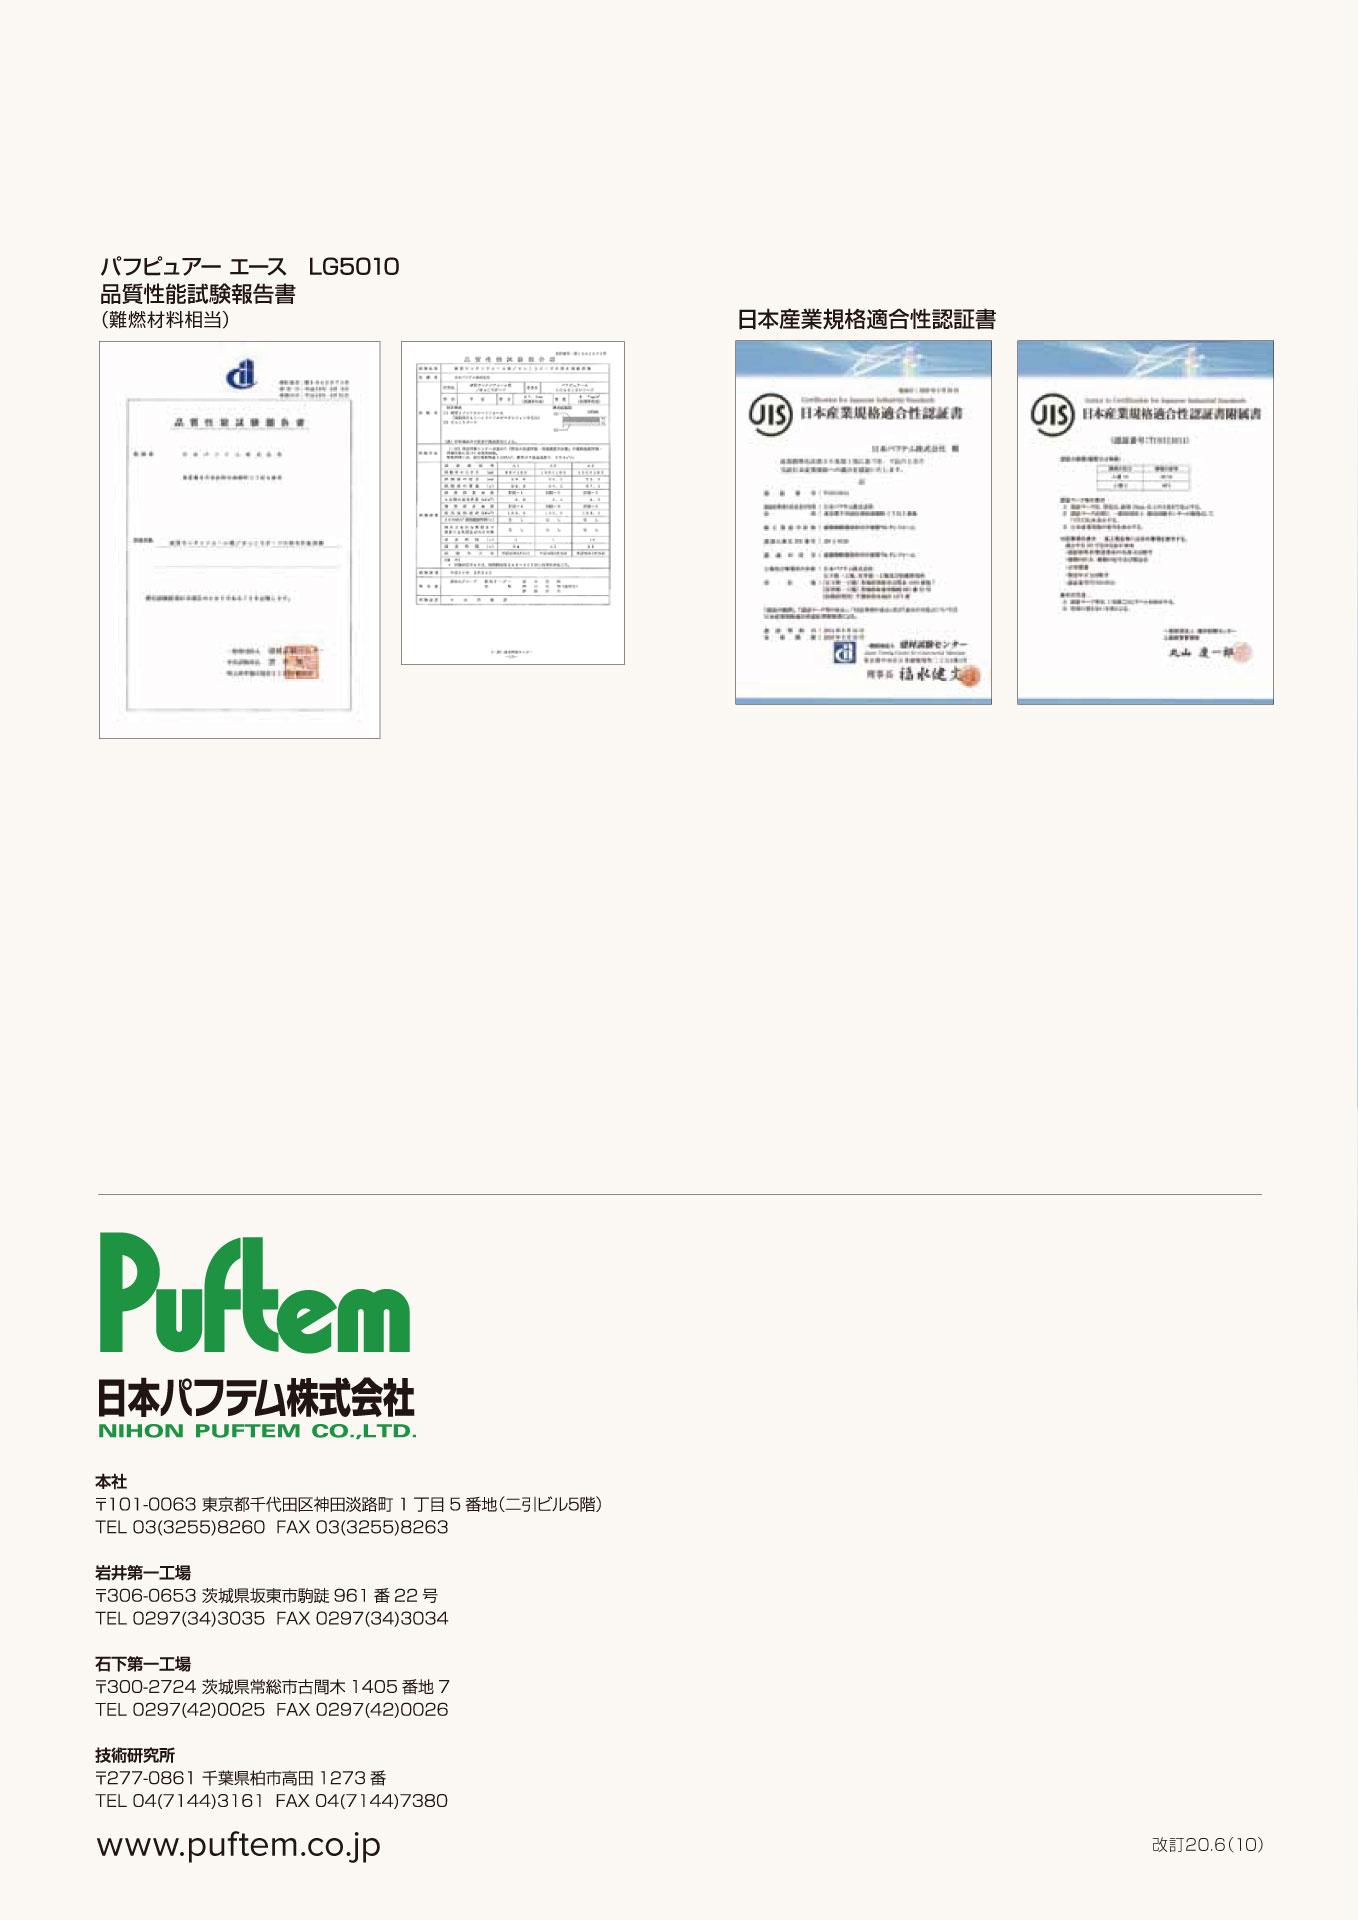 建築物ノンフロン専用総合カタログ裏表紙